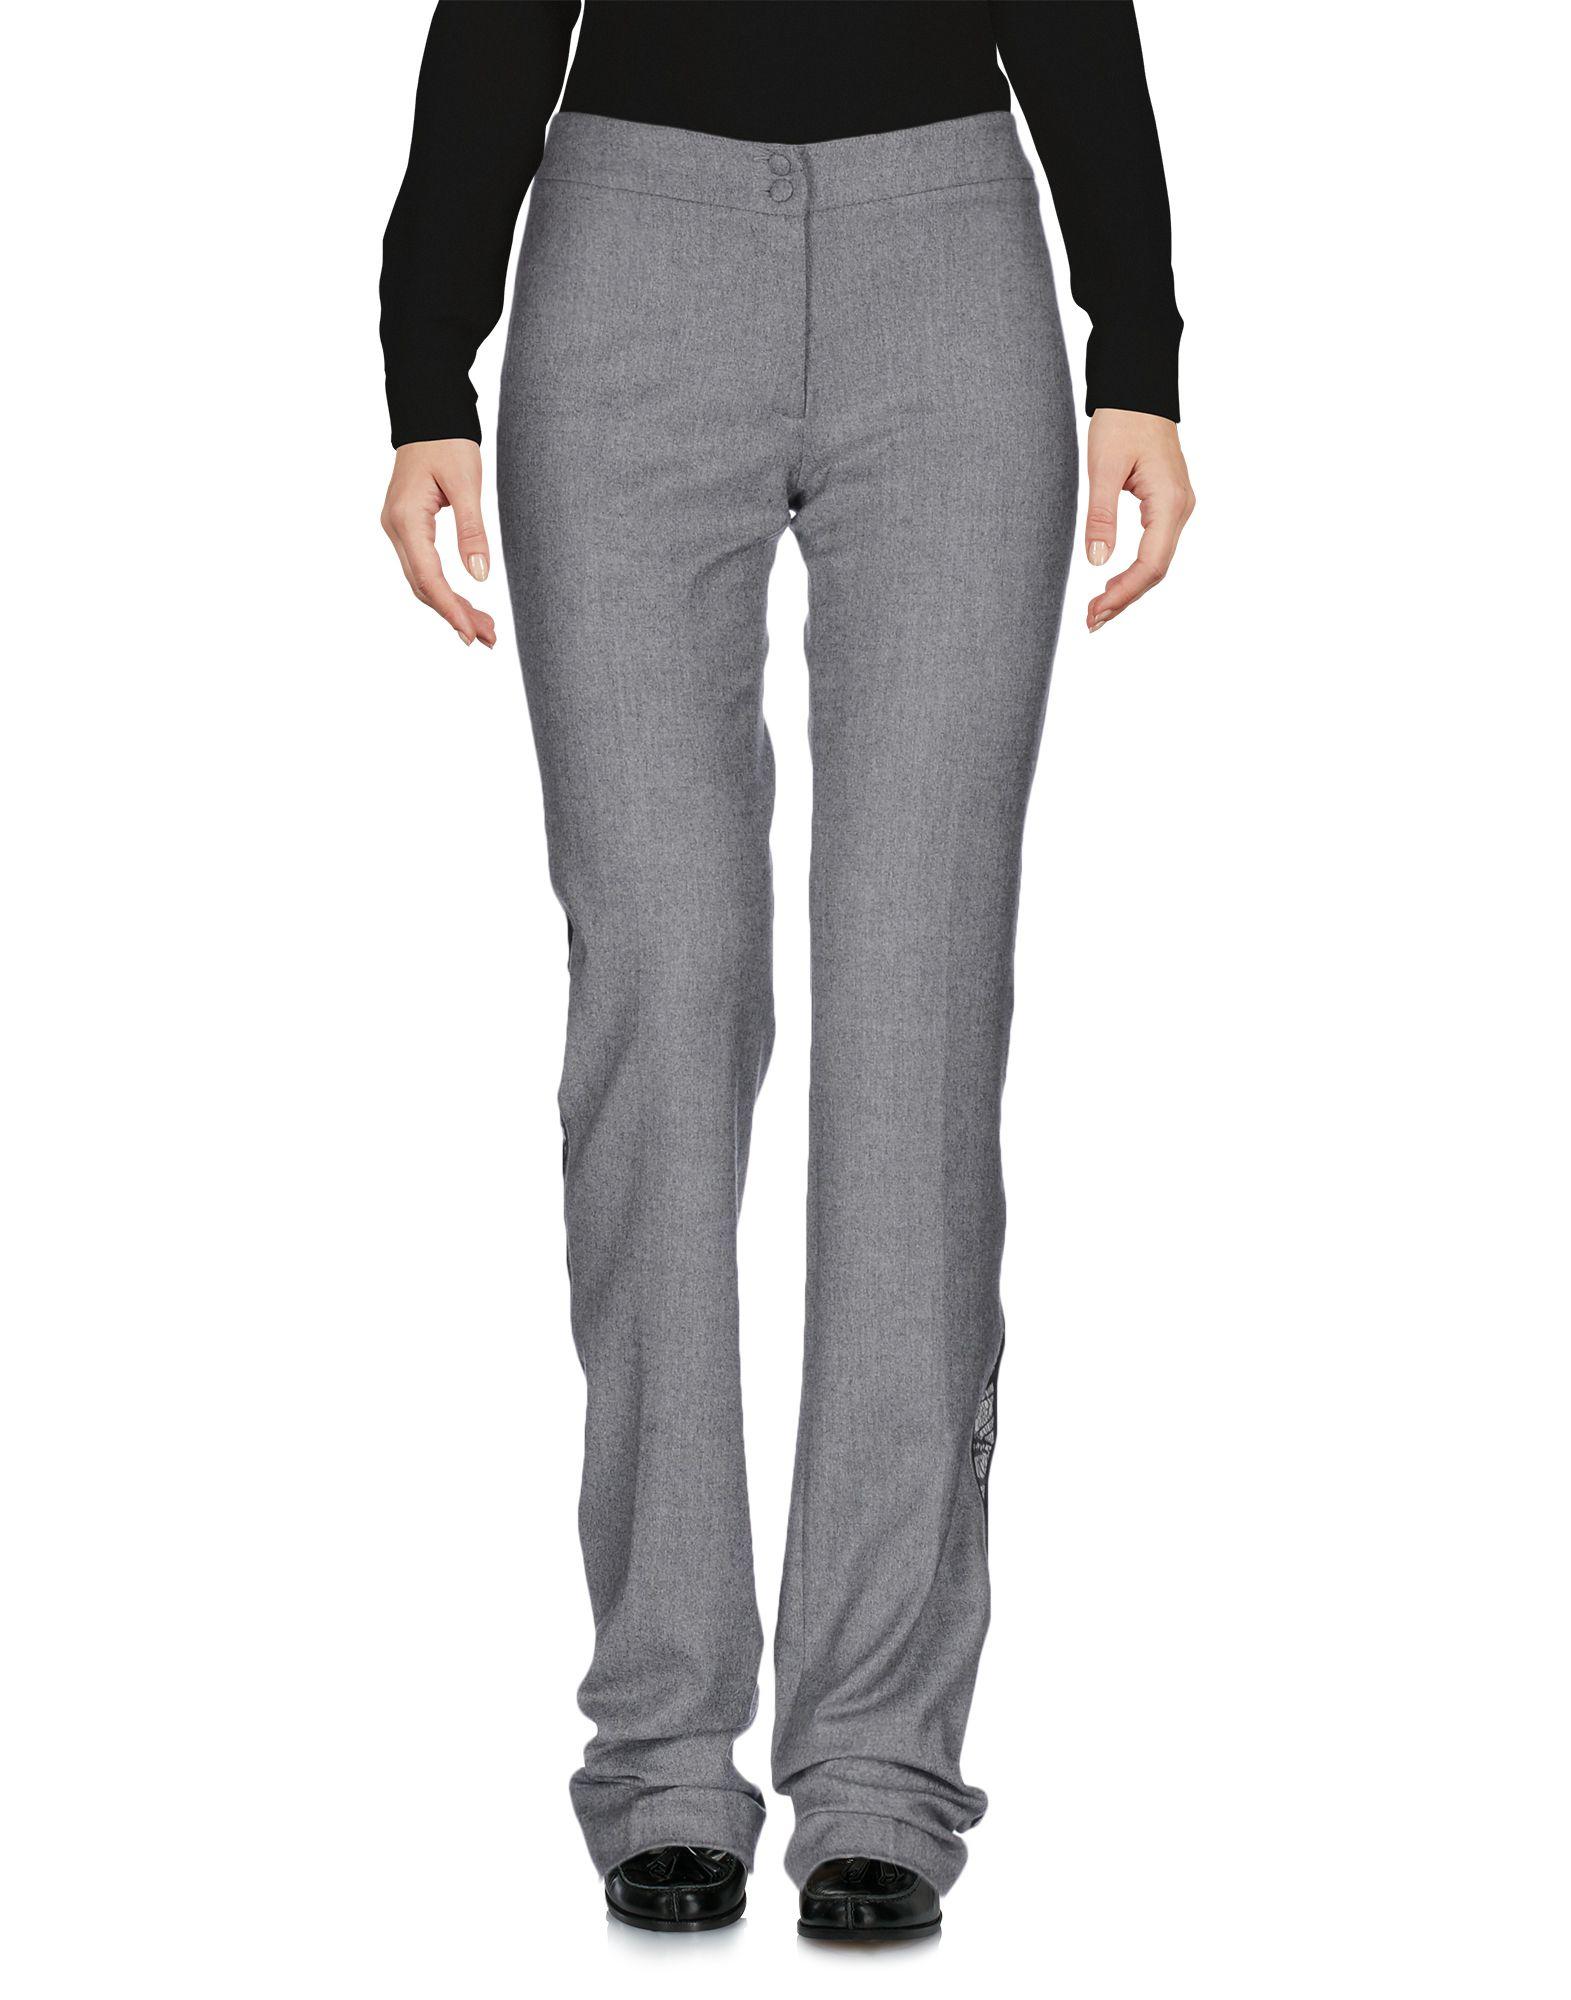 CRISTIANO BURANI Casual Pants in Grey